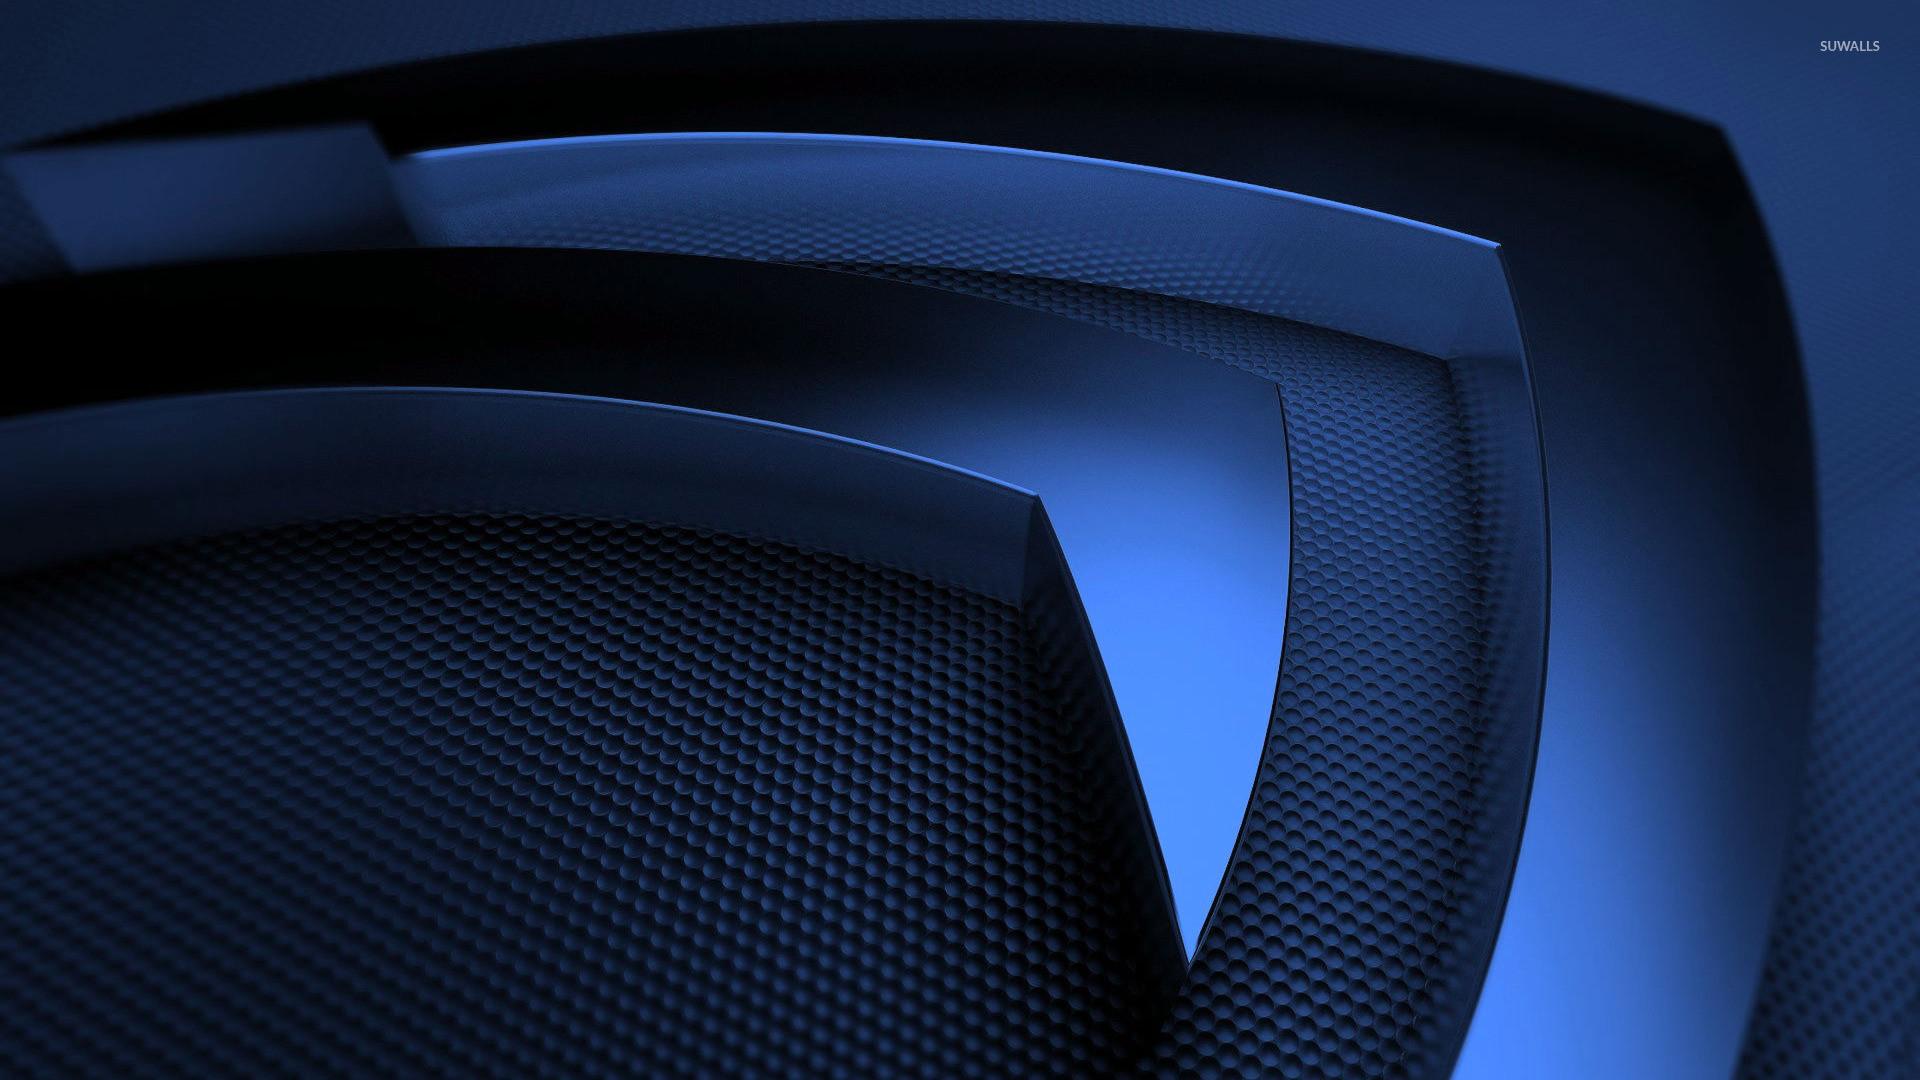 Blue Nvidia Wallpaper 1920x1080 72 Images